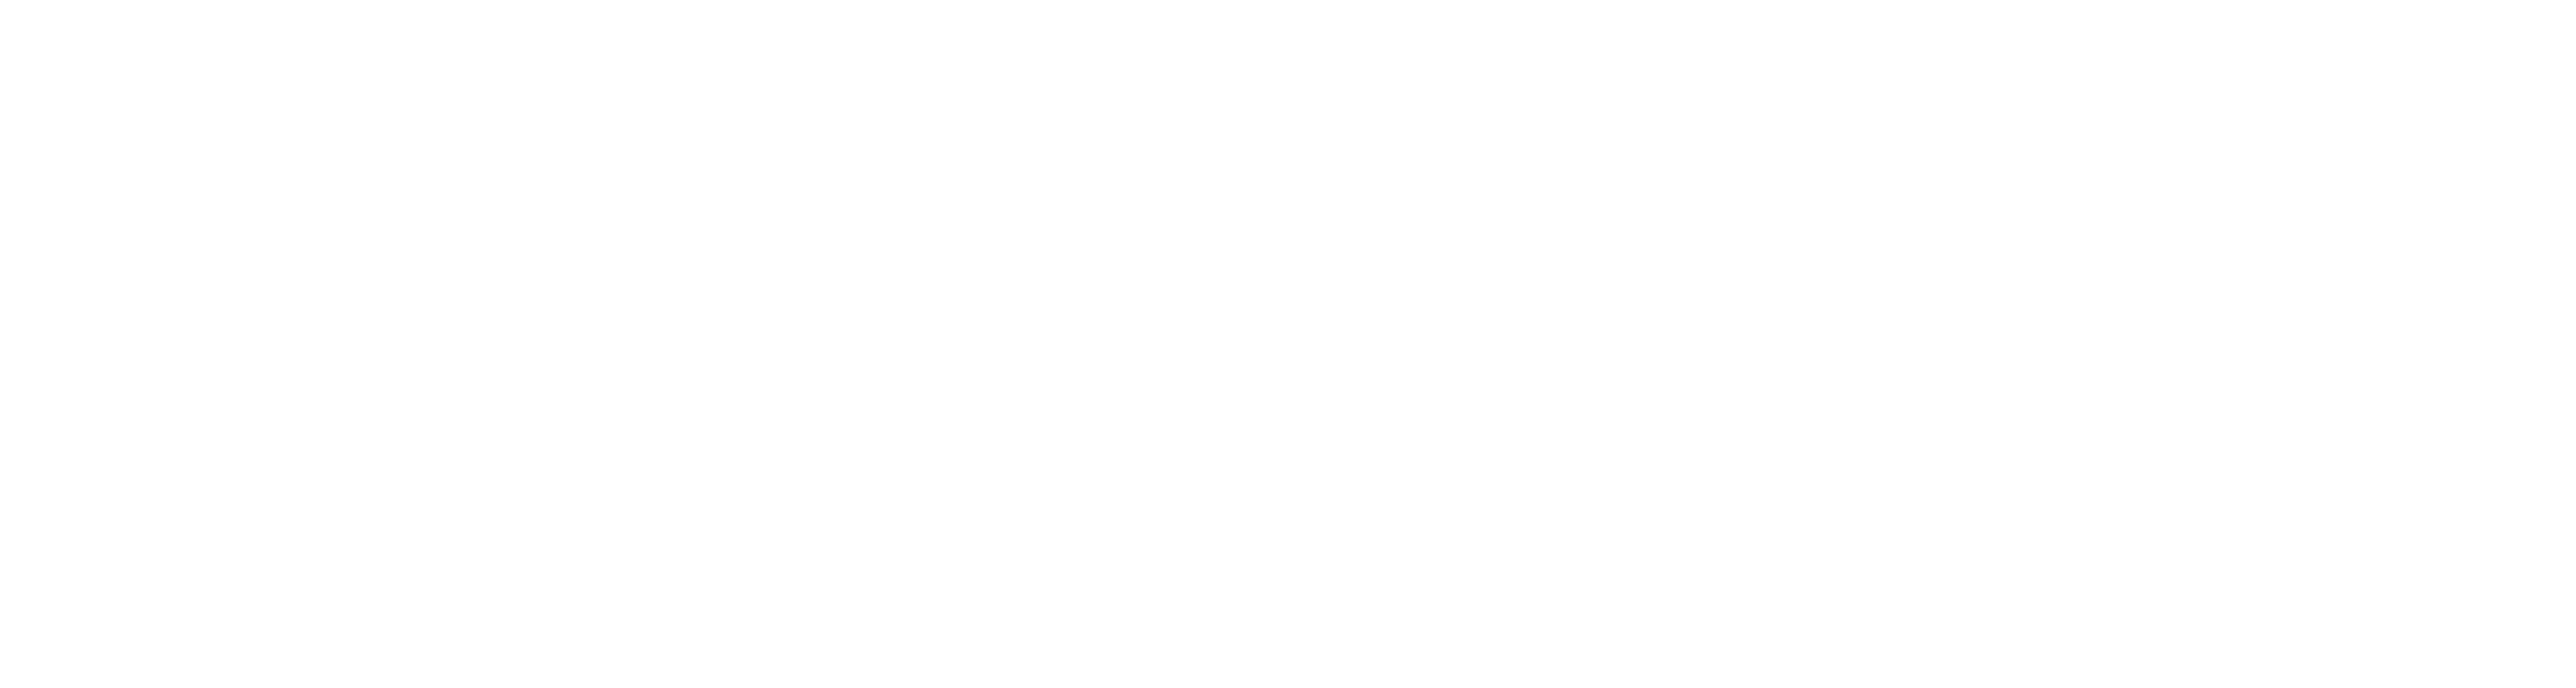 Howl logo.